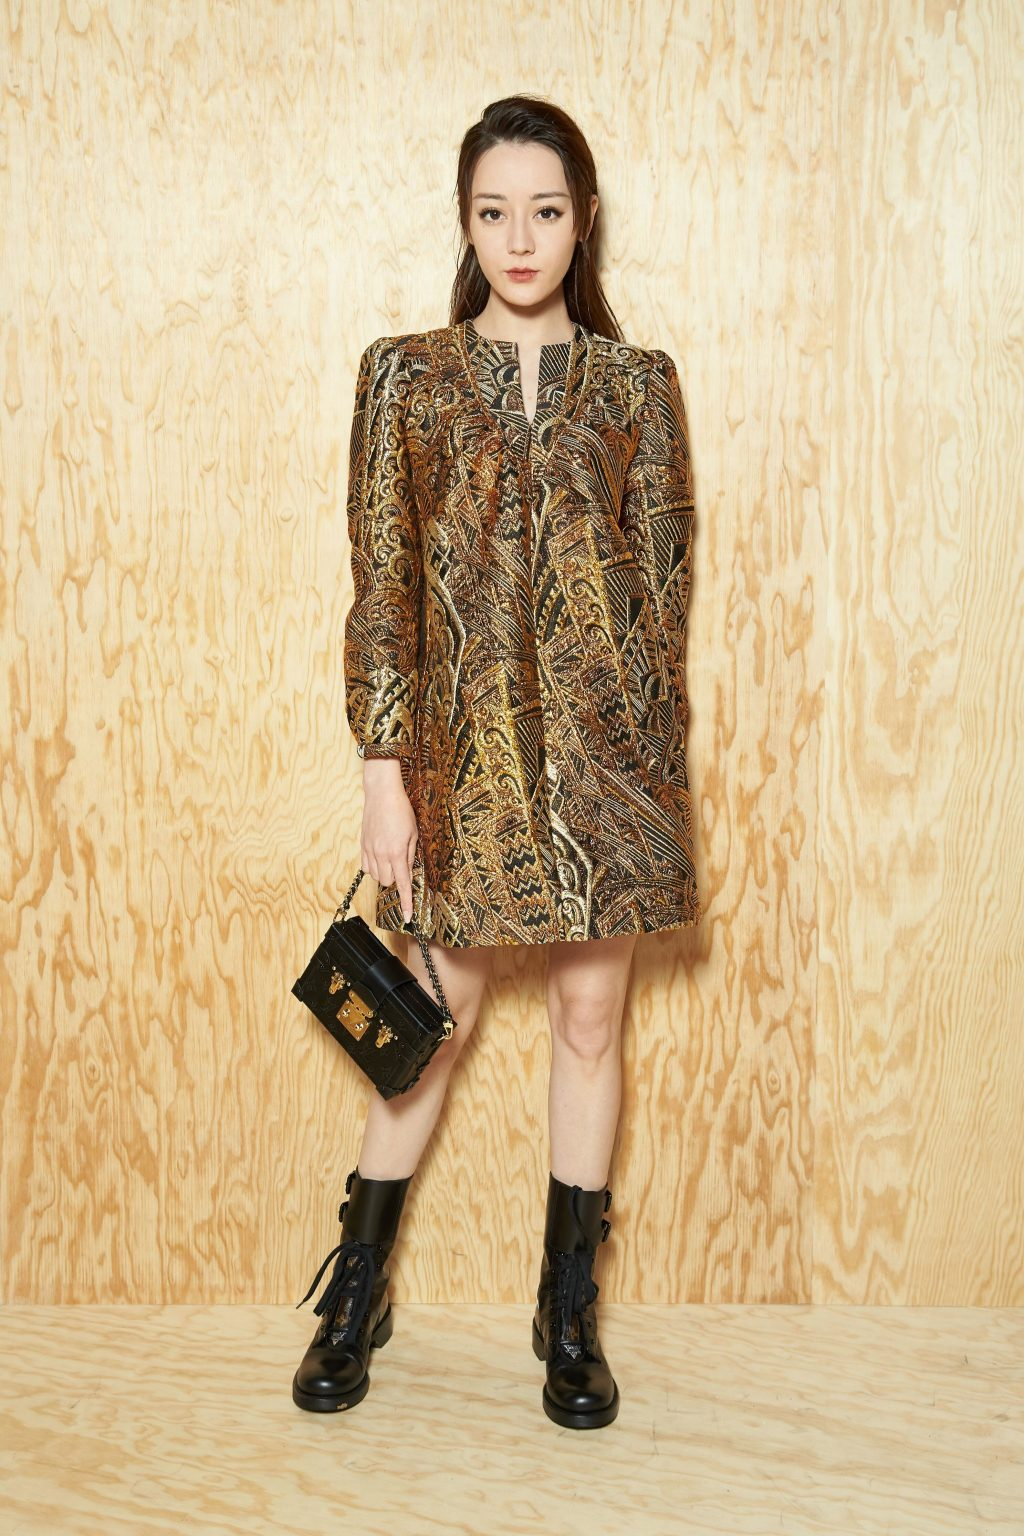 Địch Lệ Nhiệt Ba tại show Louis Vuitton tuần lễ thời trang Paris Xuân - Hè 2020